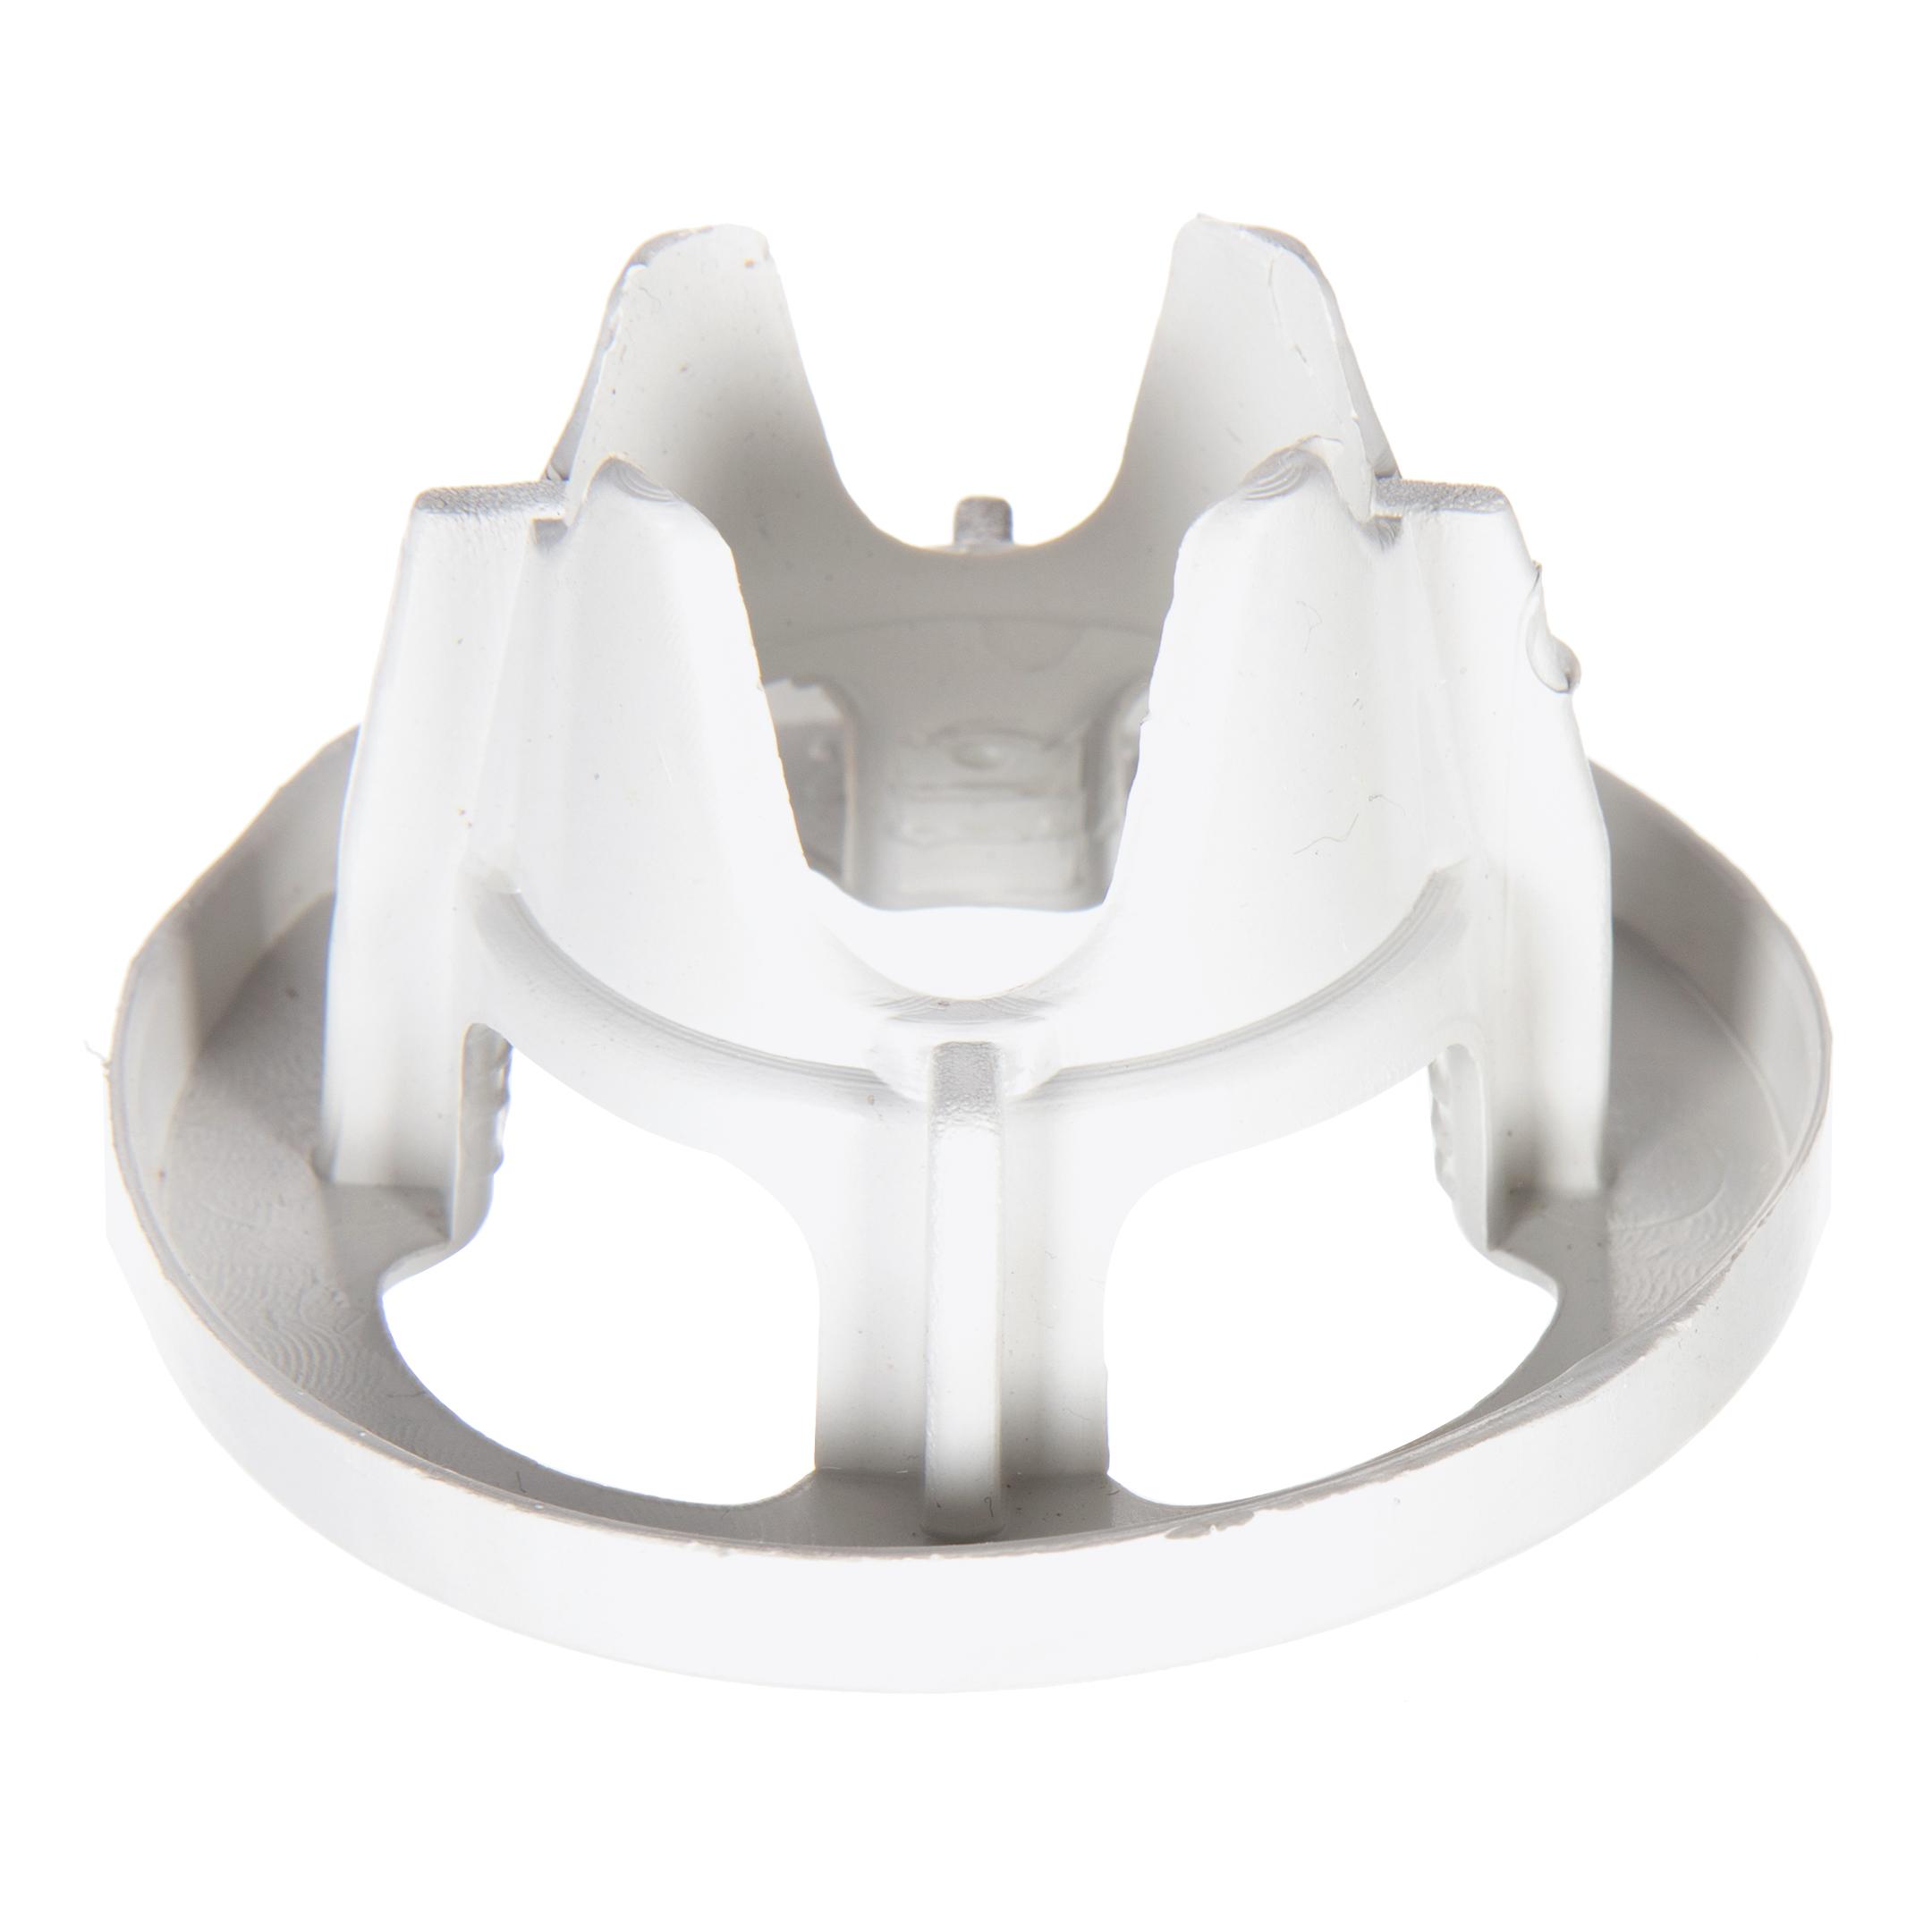 цена на Фиксатор для арматуры КМ горизонтальный усиленный ФН армат. 6-14/14 слой 25, 40 мм (100шт)